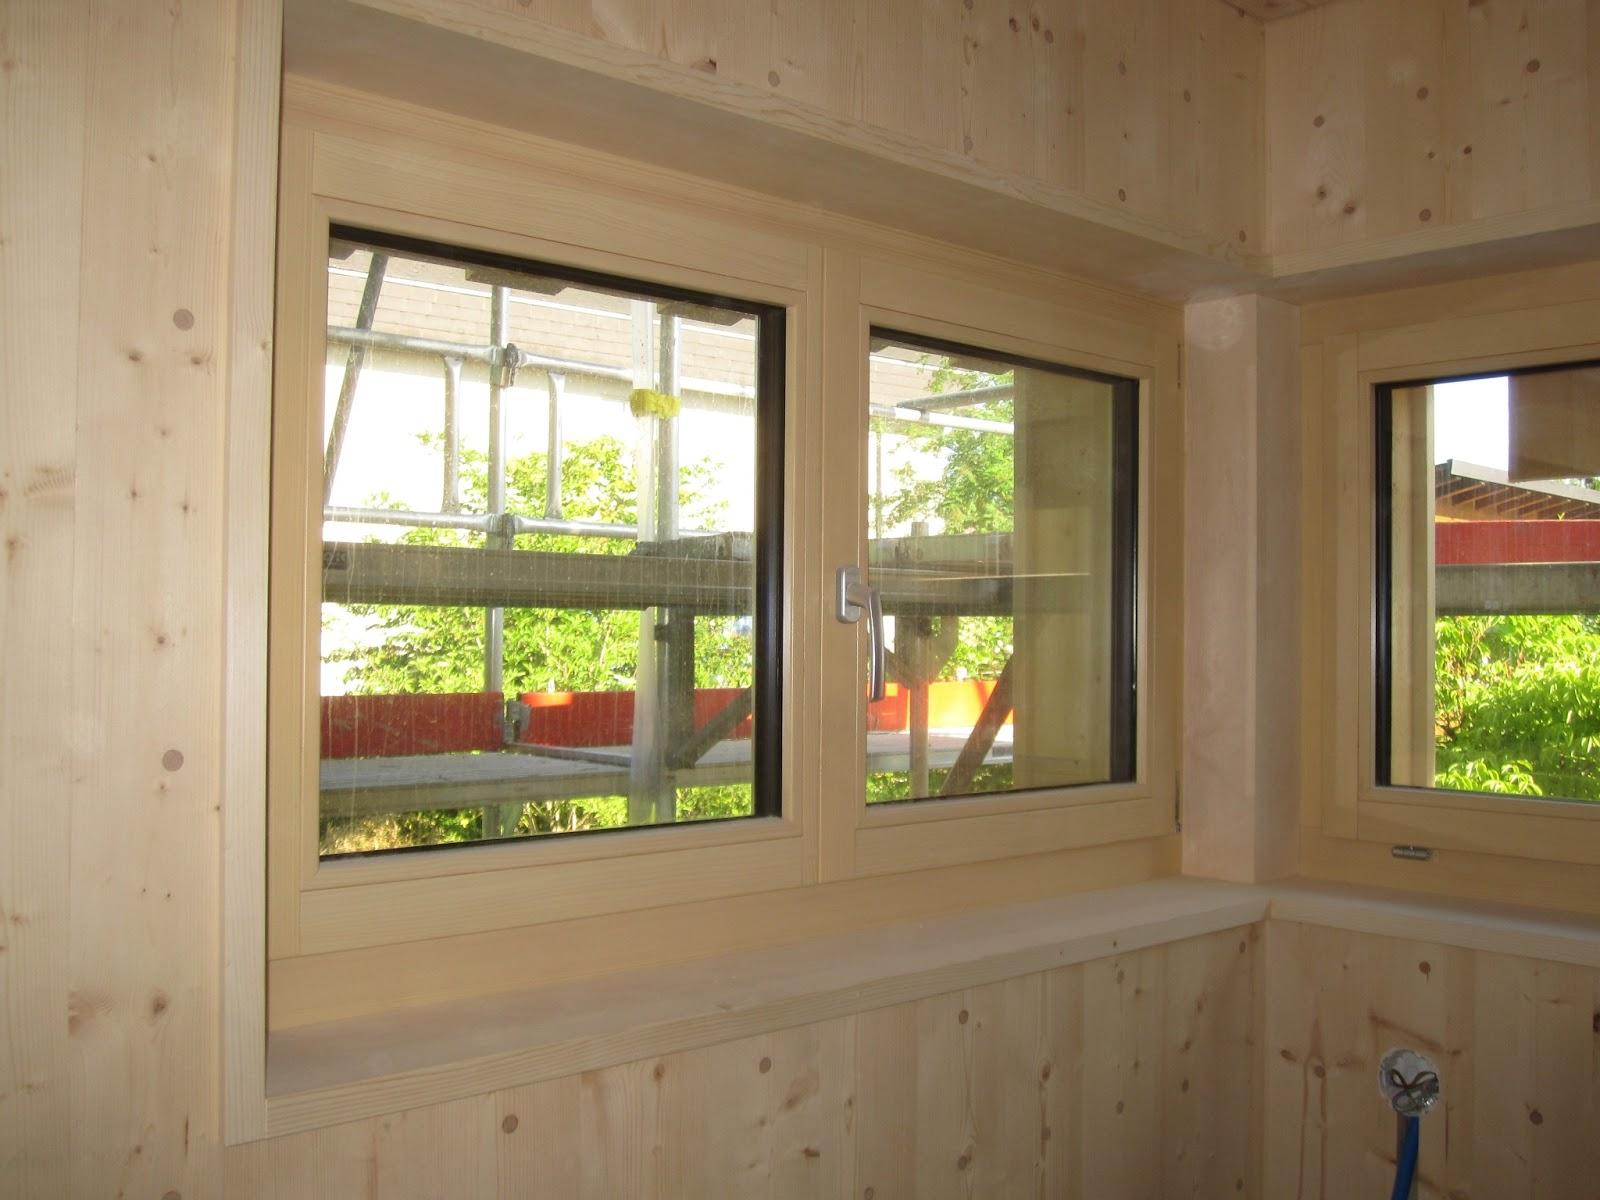 holzhaus wir bauen ein haus aus holz k che und t ren. Black Bedroom Furniture Sets. Home Design Ideas